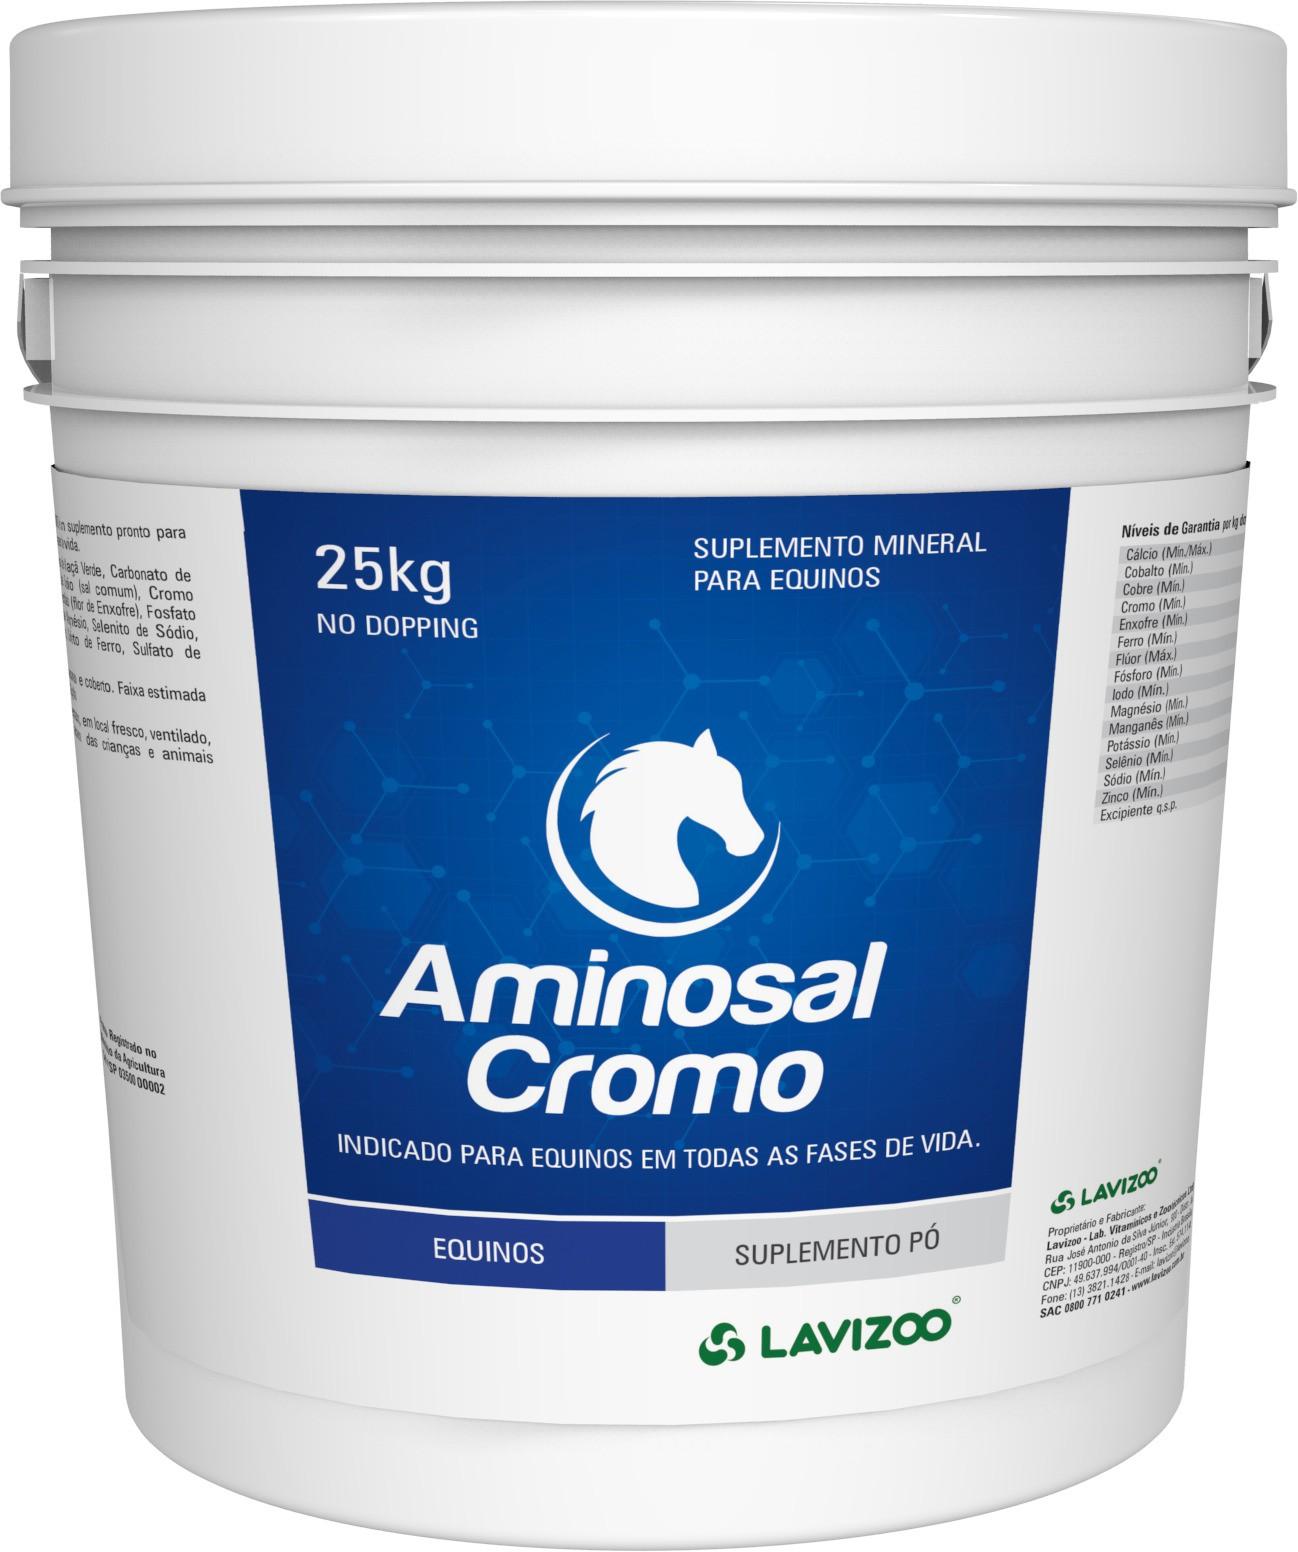 Aminosal Cromo 25kg Lavizoo - Suplementação Equina